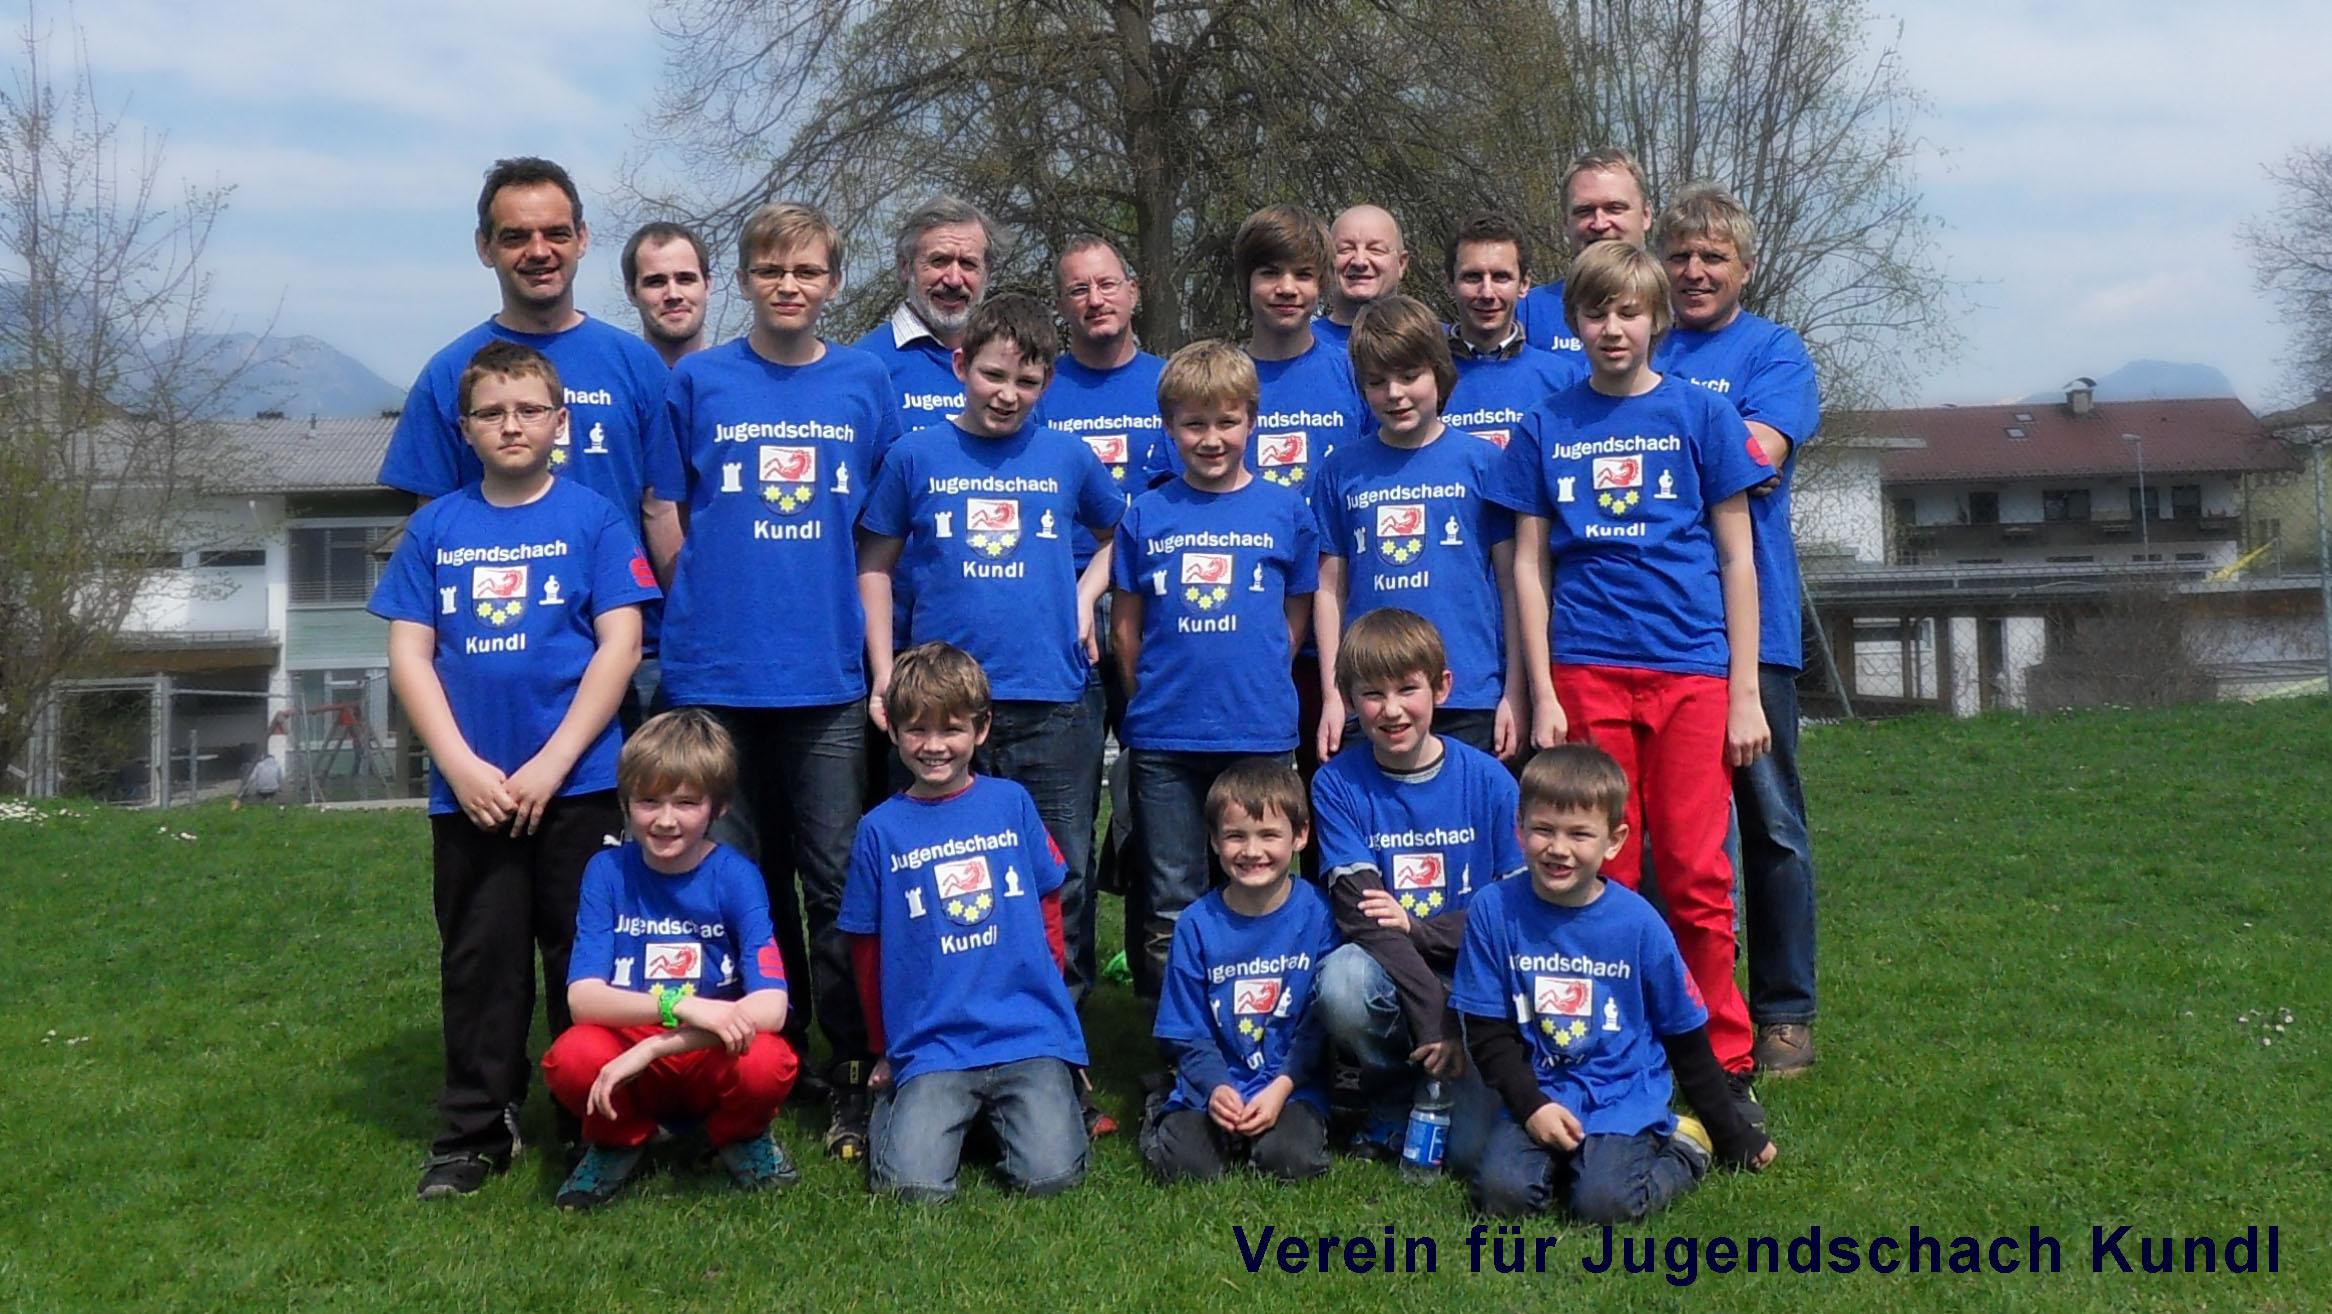 Verein für Jugendschach Kundl